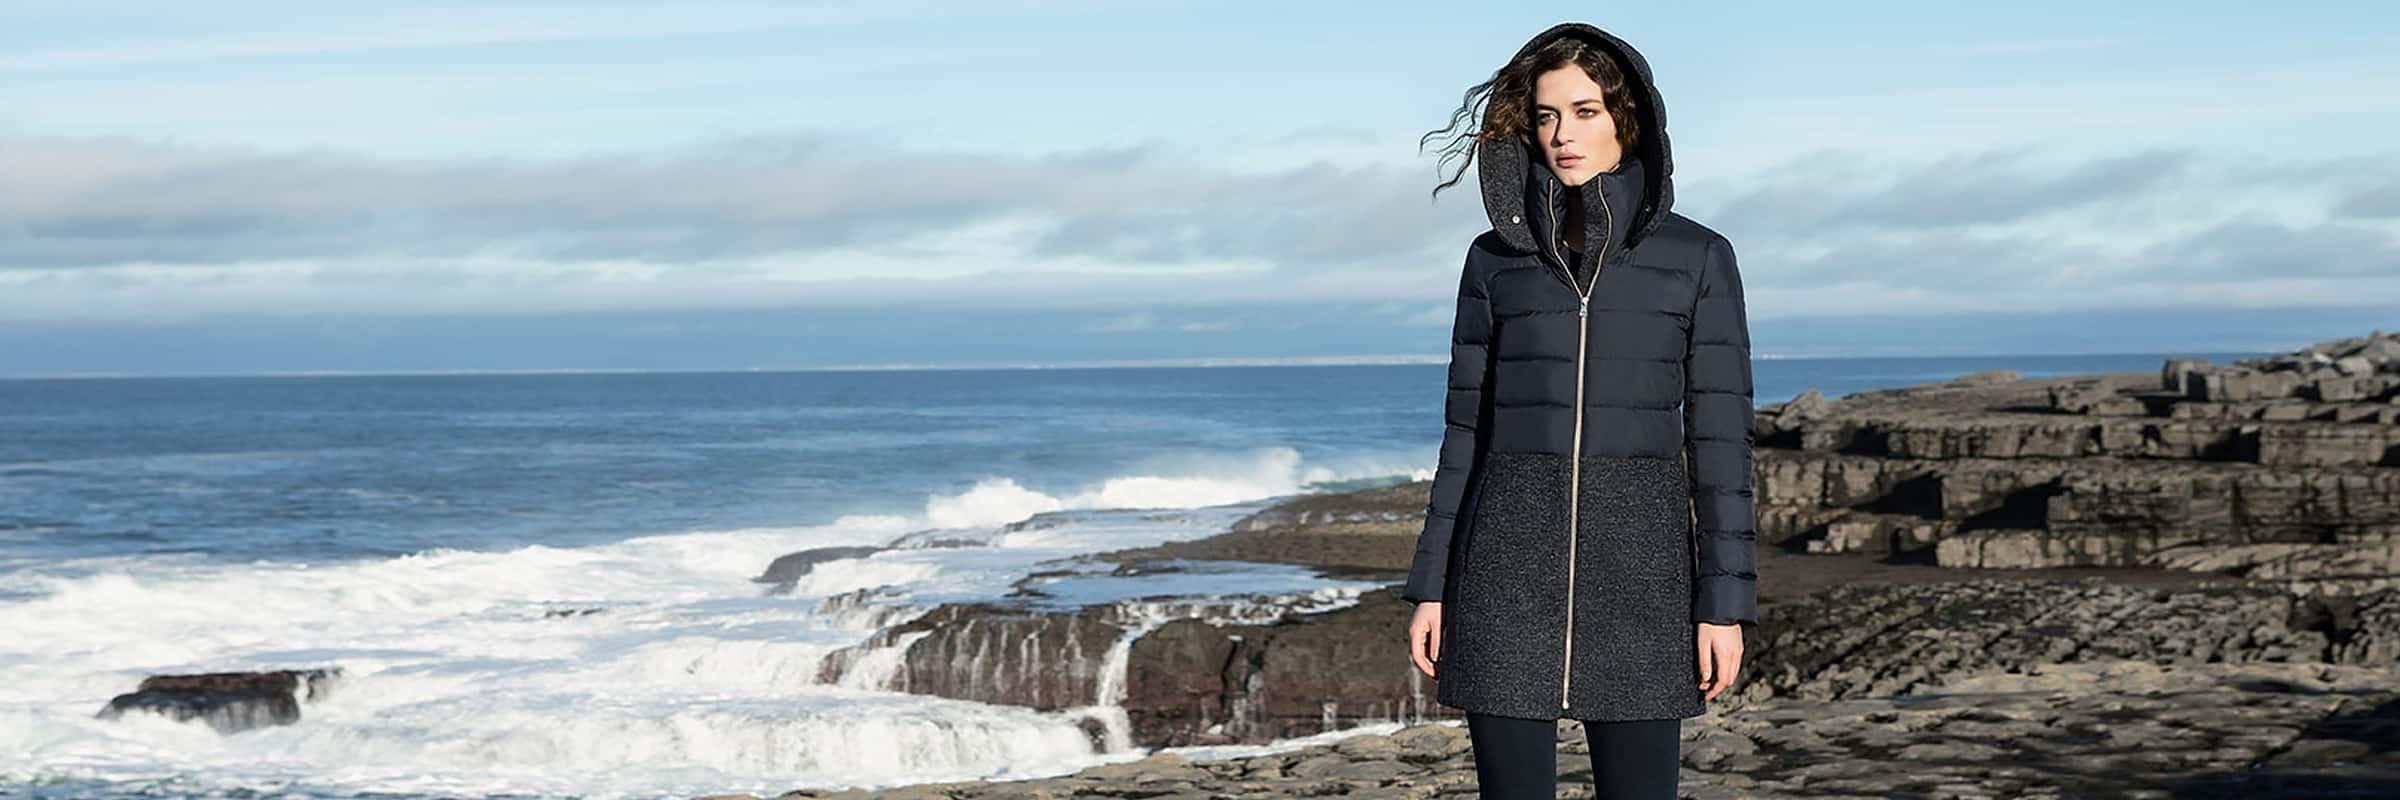 Arc'teryx, Burton, Canada Goose, Manteaux, Nobis, Norrona. Comment choisir le bon manteau d'hiver